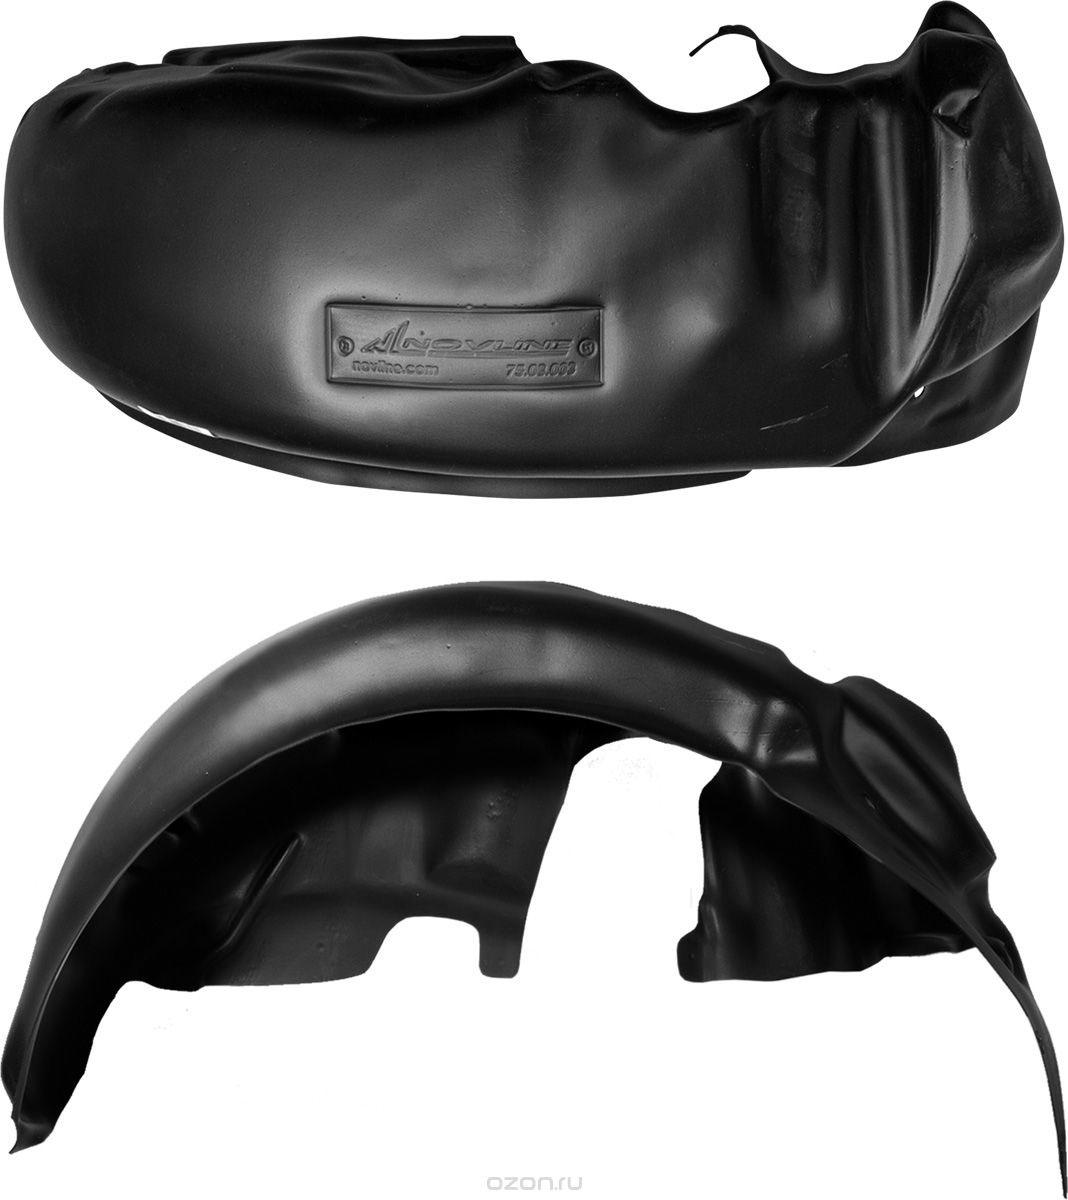 Подкрылок Novline-Autofamily, для Kia Rio III, 2010-2011, задний левыйNLL.25.31.003Идеальная защита колесной ниши. Локеры разработаны с применением цифровых технологий, гарантируют максимальную повторяемость поверхности арки. Изделия устанавливаются без нарушения лакокрасочного покрытия автомобиля, каждый подкрылок комплектуется крепежом. Уважаемые клиенты, обращаем ваше внимание, что фотографии на подкрылки универсальные и не отражают реальную форму изделия. При этом само изделие идет точно под размер указанного автомобиля.